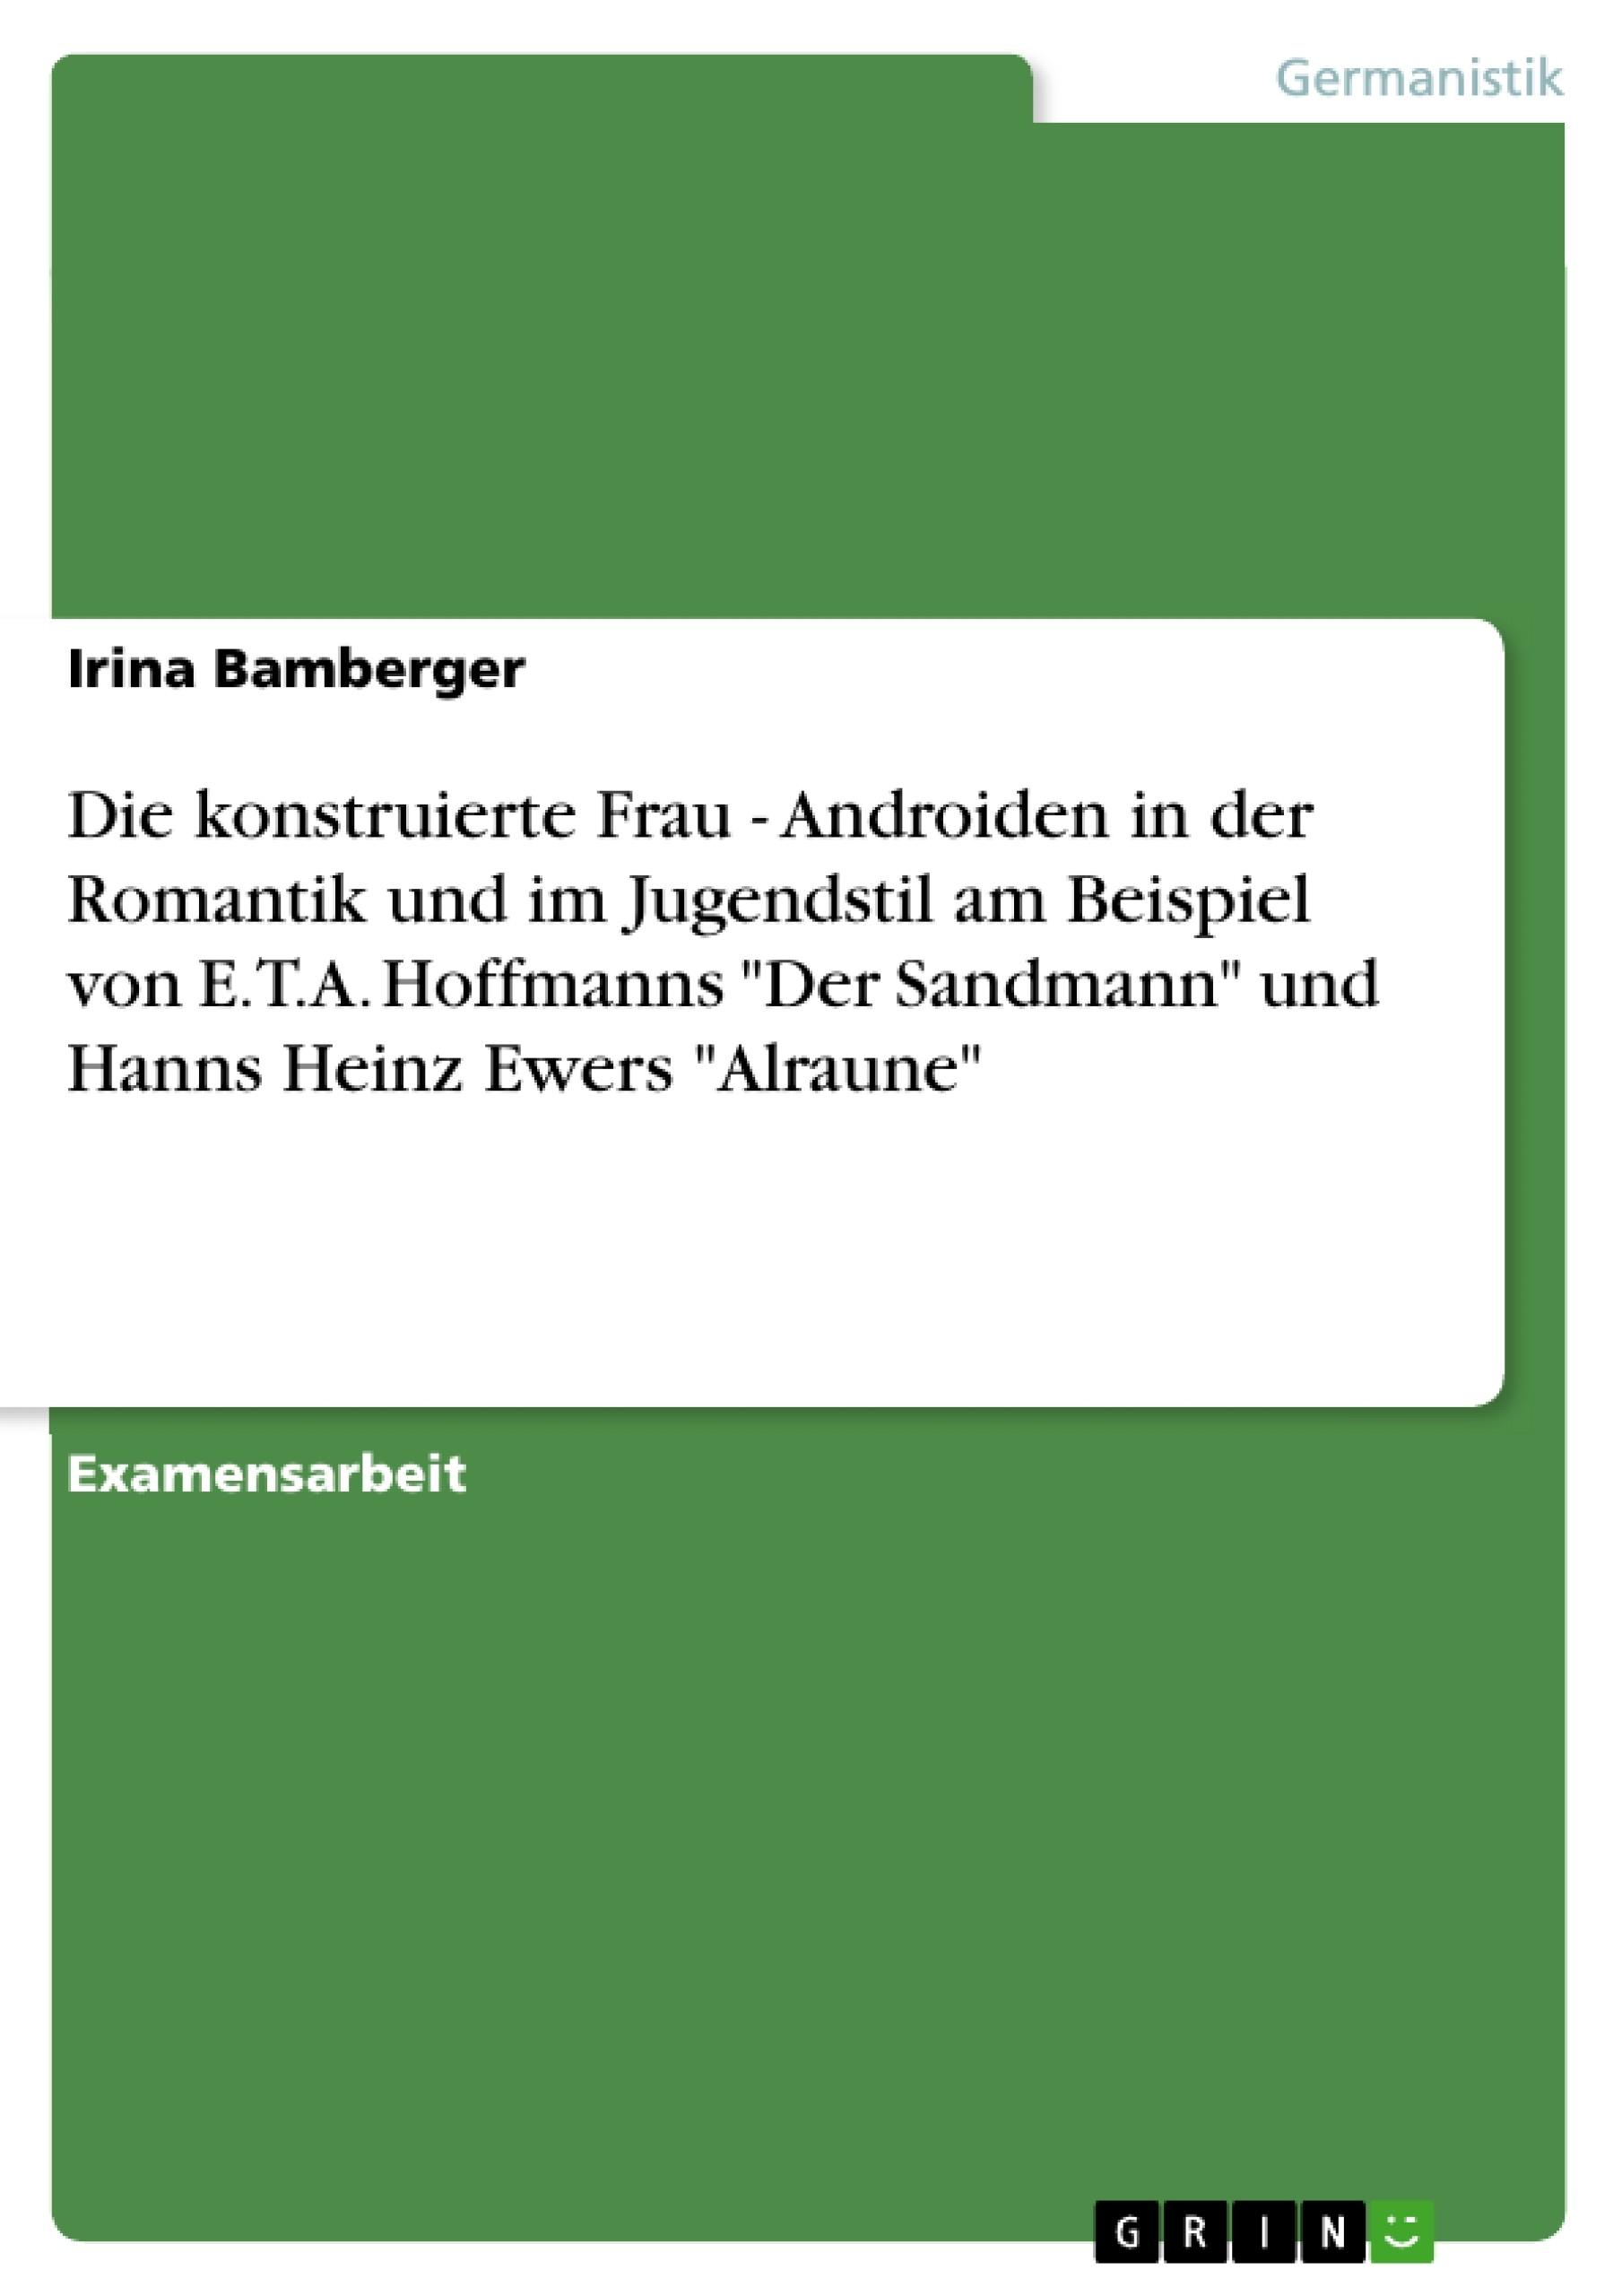 """Titel: Die konstruierte Frau - Androiden in der Romantik und im Jugendstil am Beispiel von E.T.A. Hoffmanns """"Der Sandmann"""" und Hanns Heinz Ewers """"Alraune"""""""